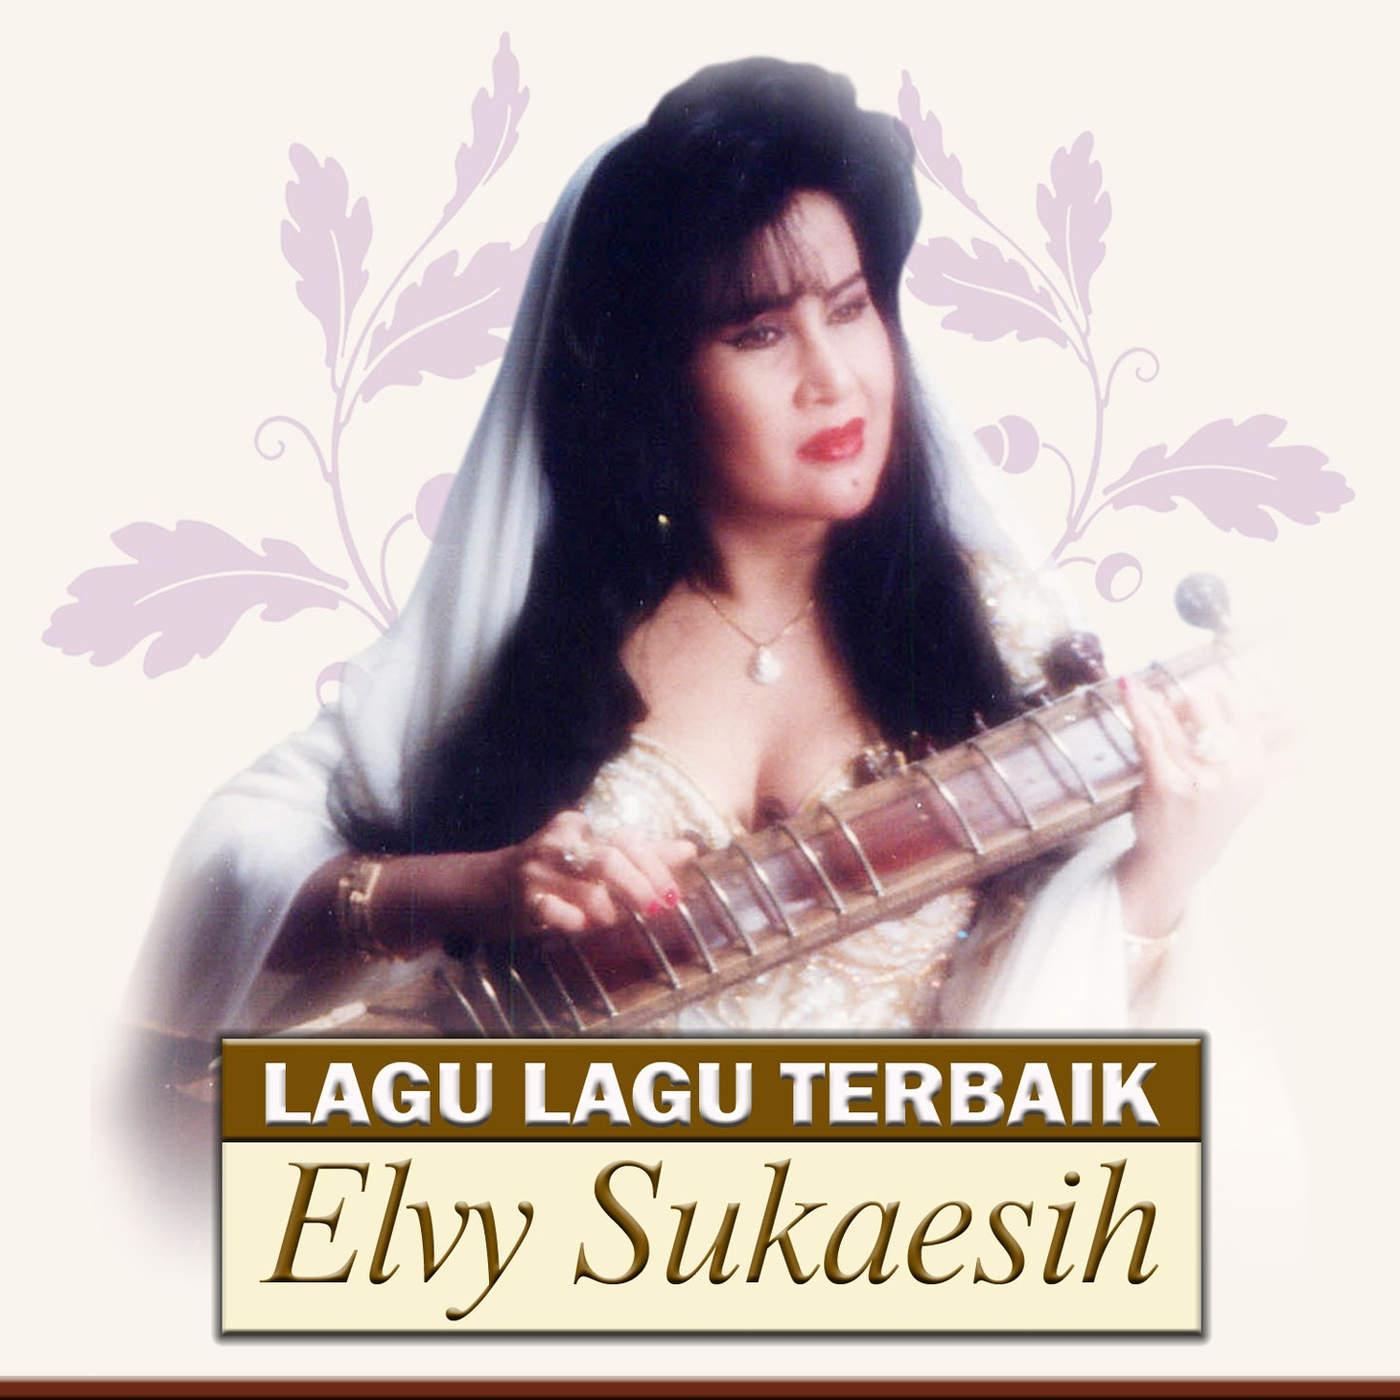 Download Lagu 4 20 Kita Pasti Tua: Lagu-Lagu Terbaik Elvy Sukaesih